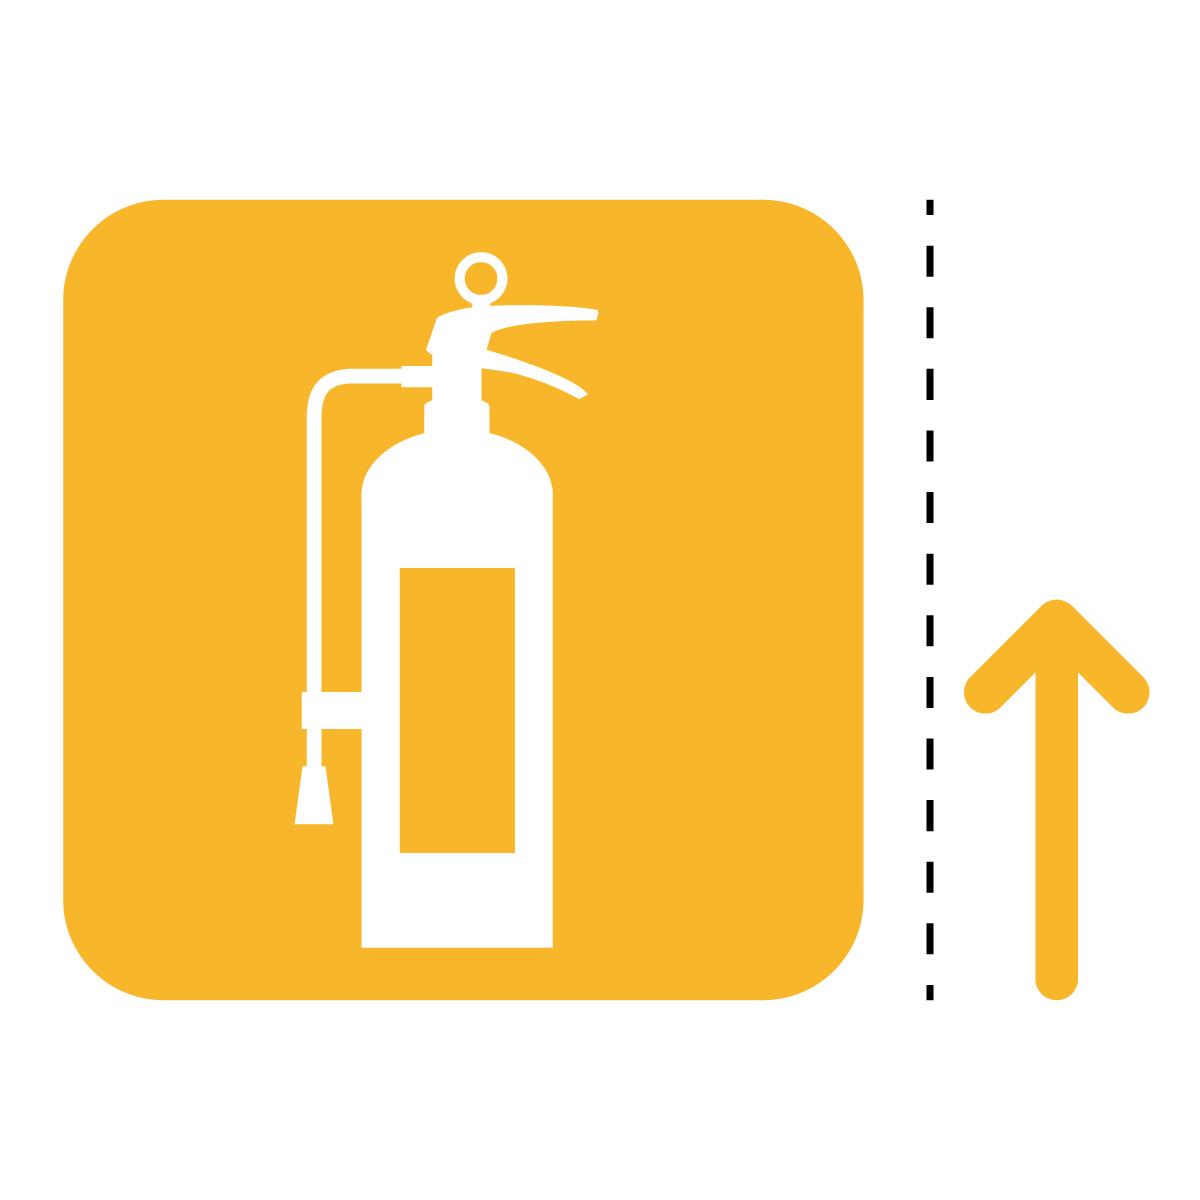 黄色の消火器案内マーク(矢印付き)のカッティングステッカー・シール